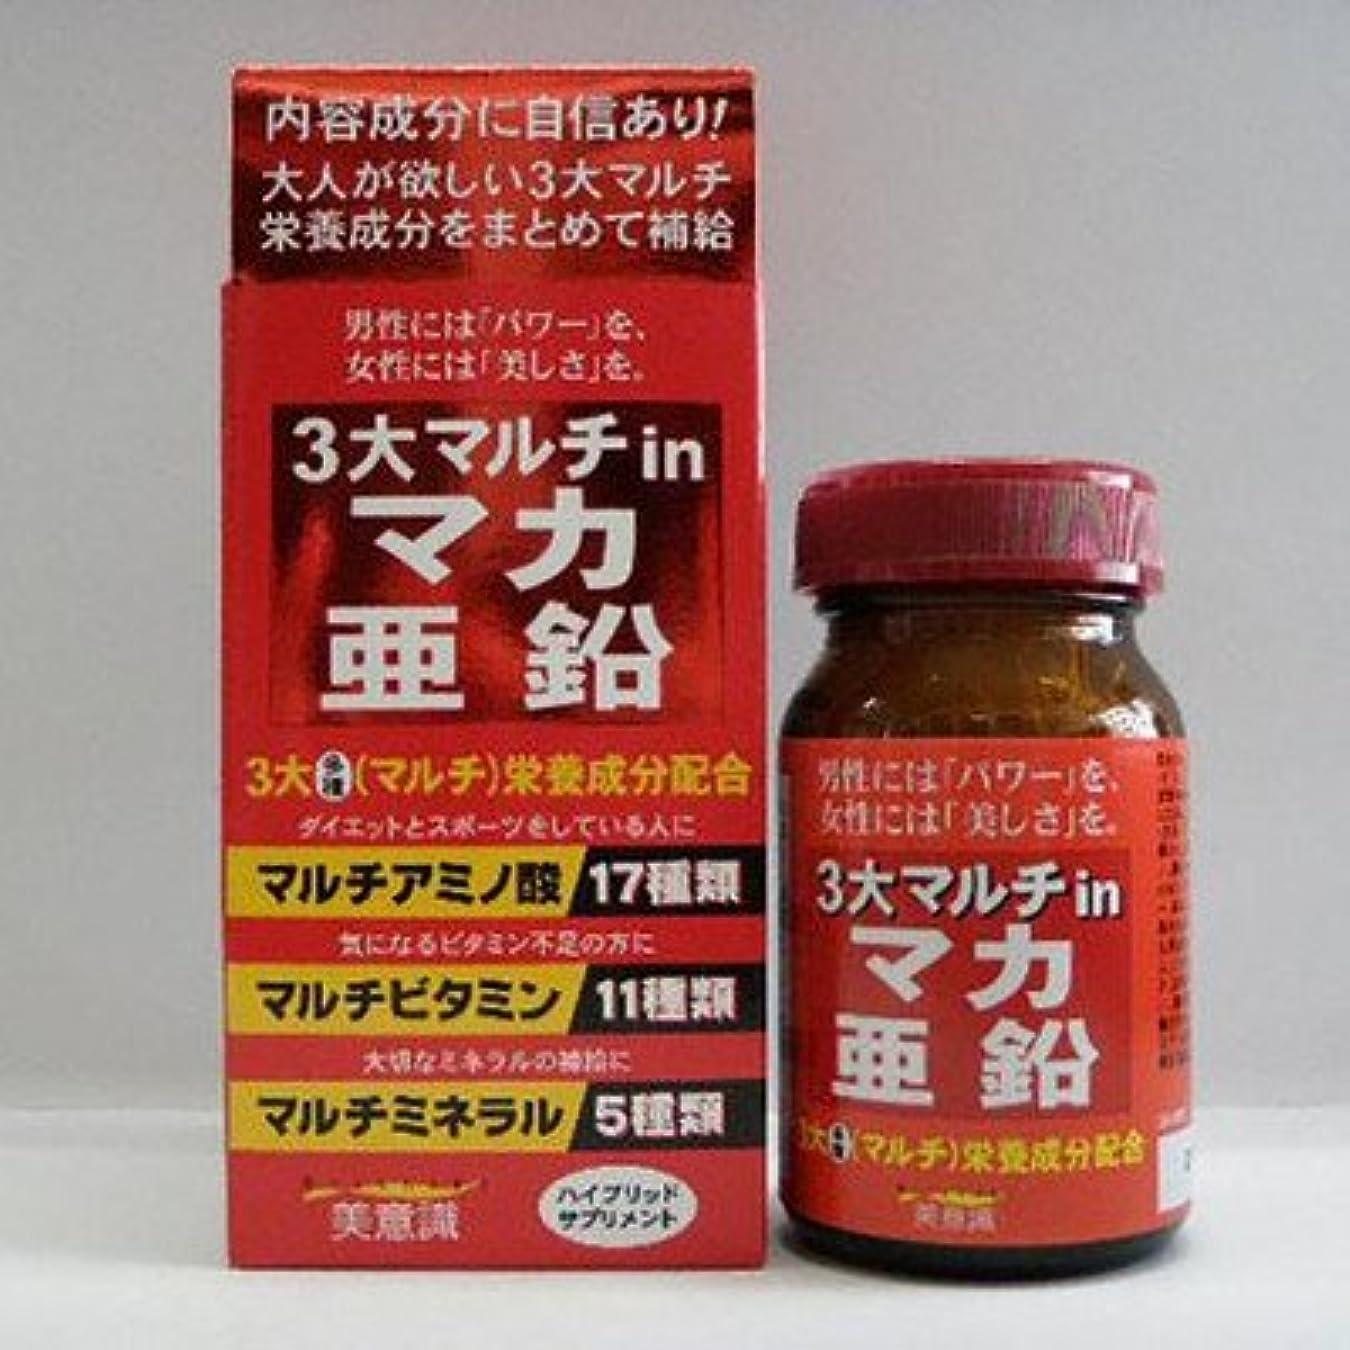 何故なの薬用クリップ3大マルチinマカ?亜鉛